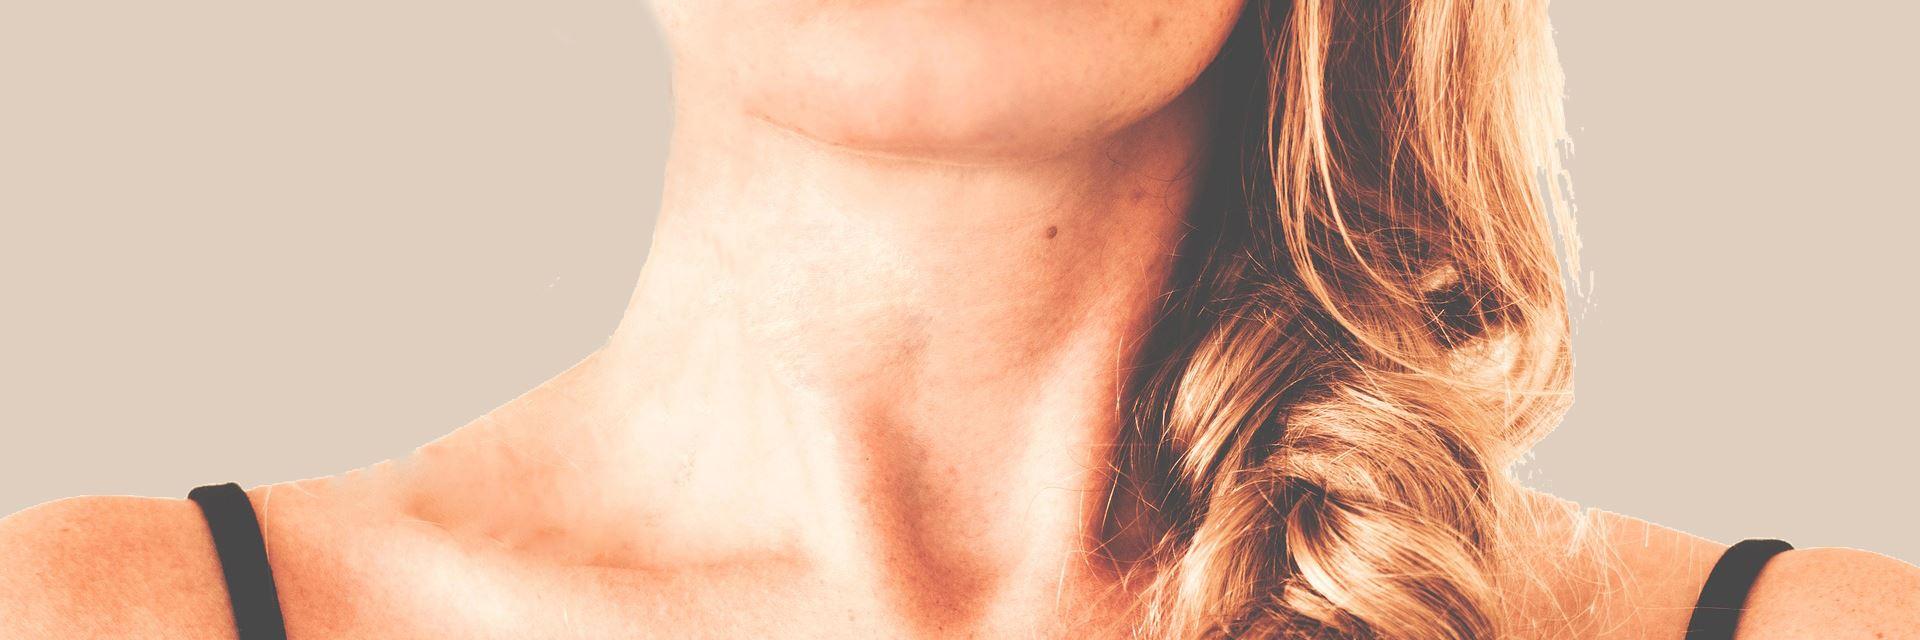 Szyja kobiety z warkoczem - zbliżenie